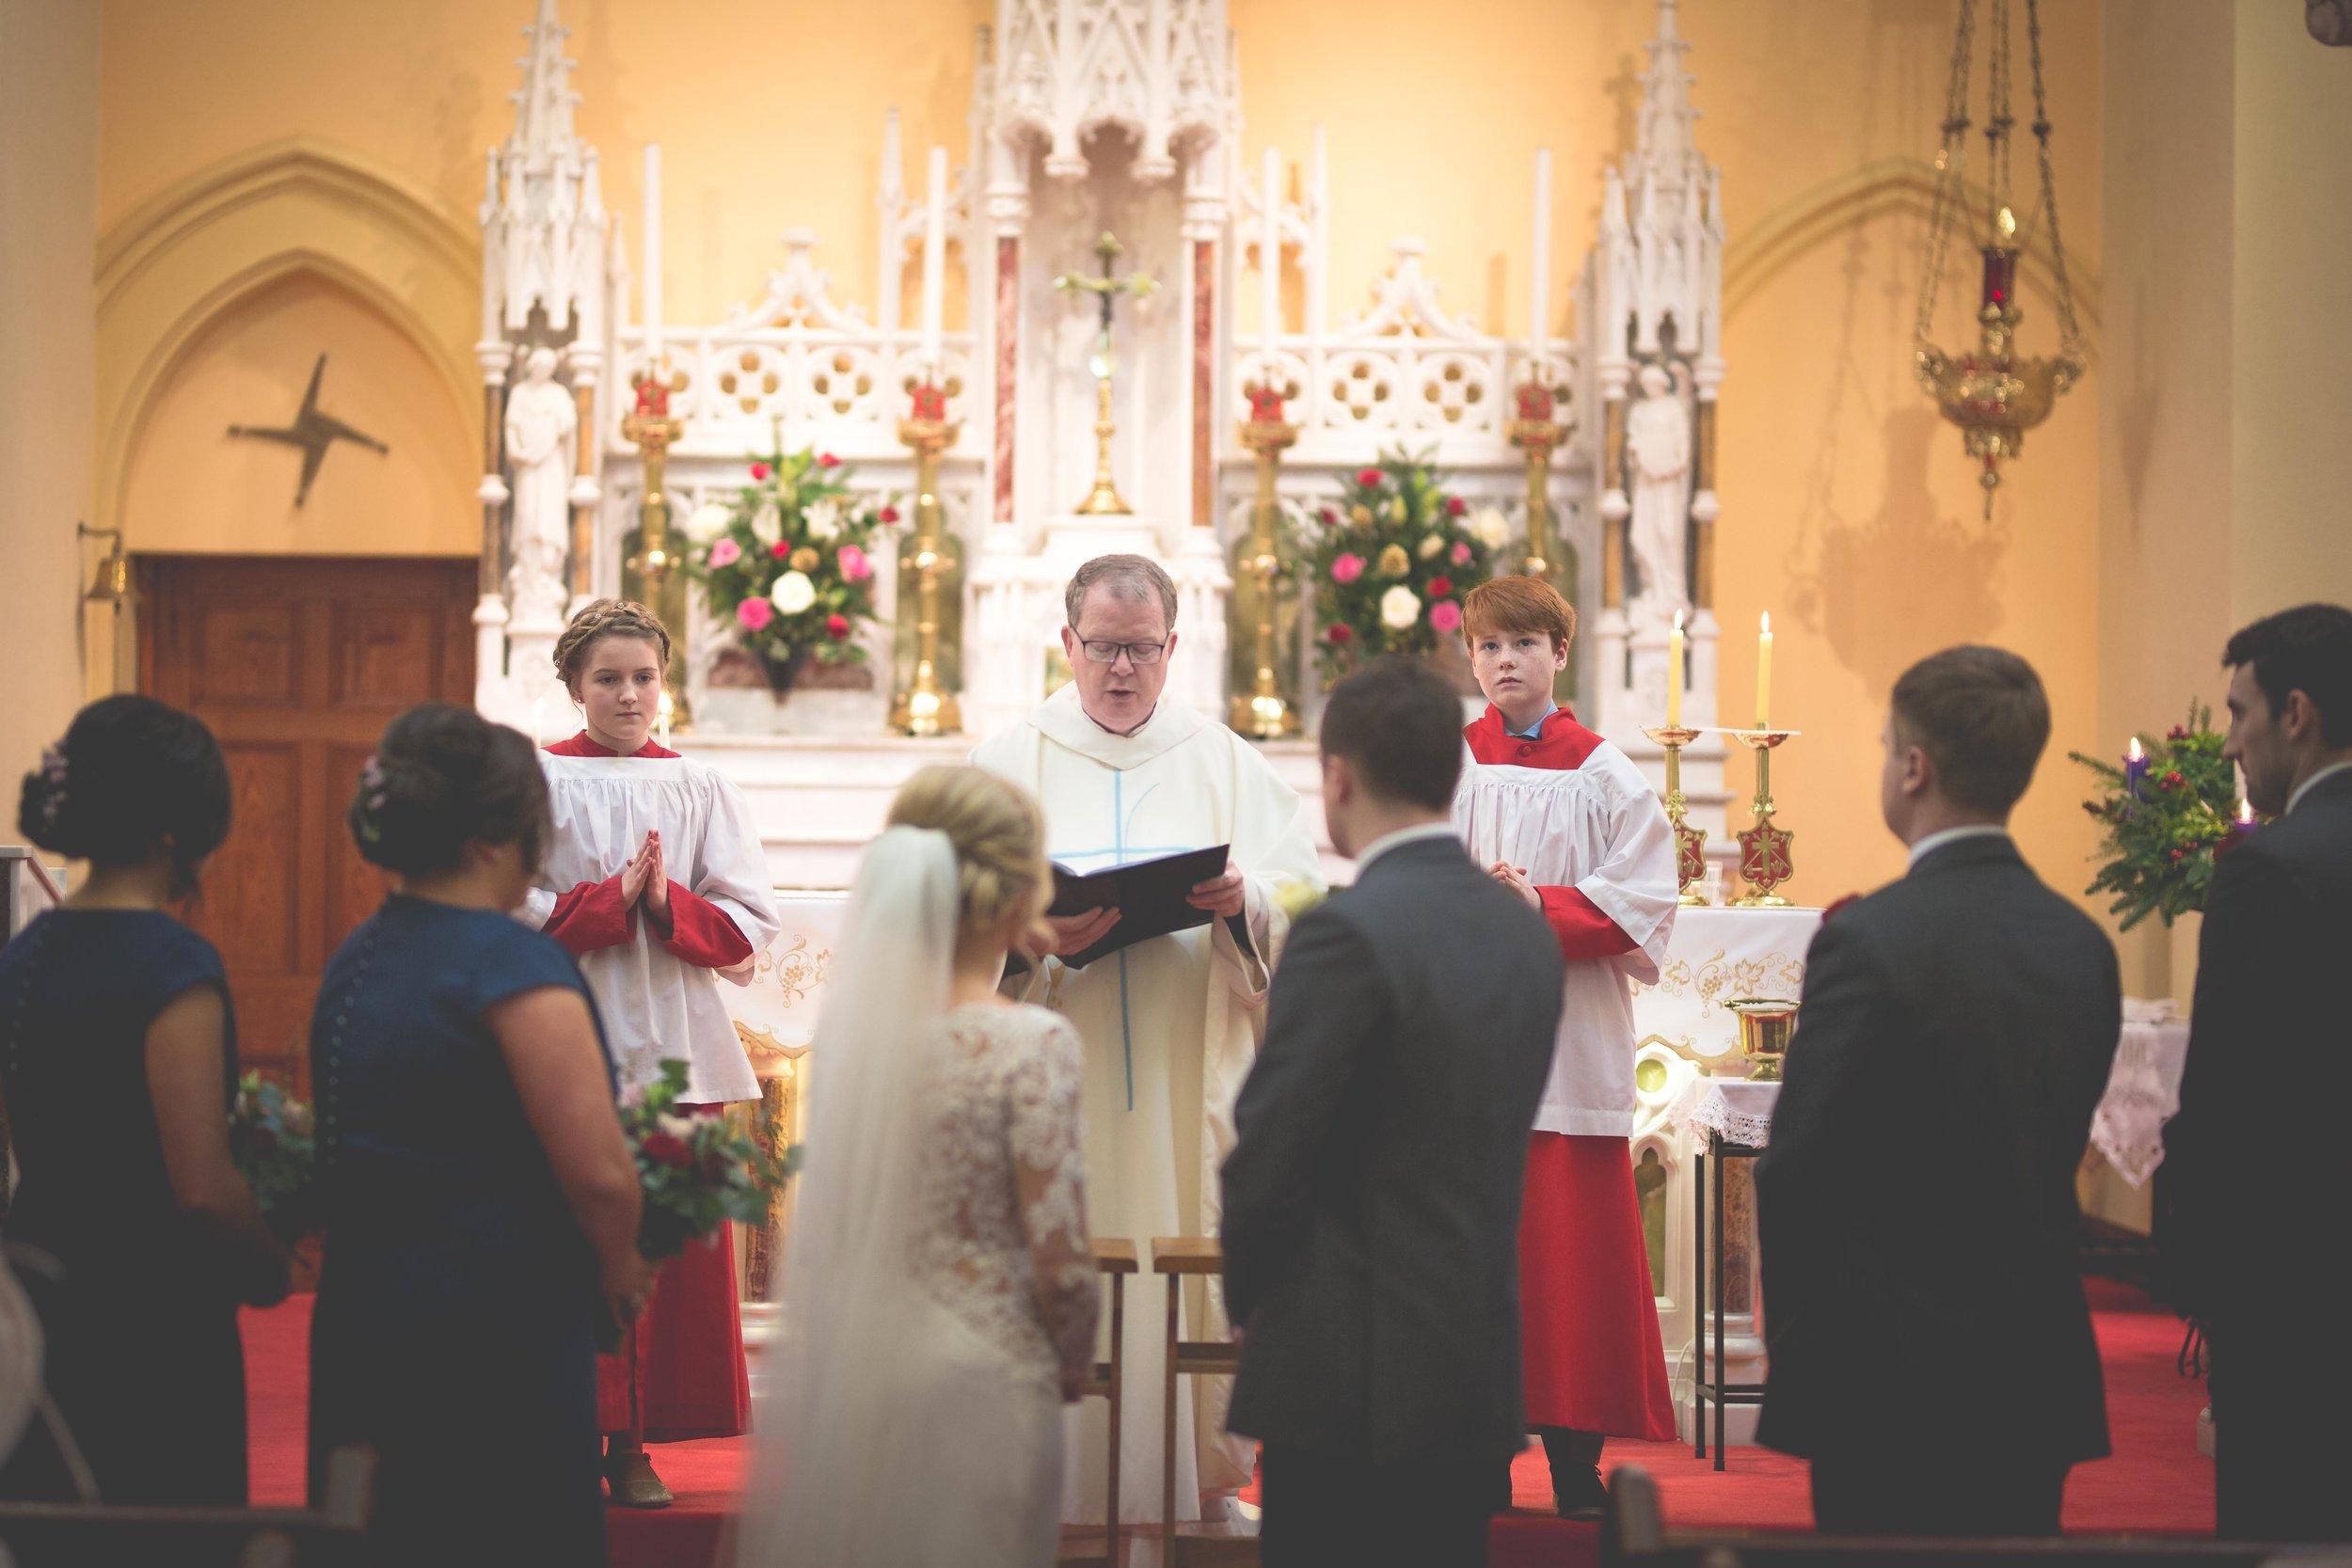 MaryJo_Conor_Mageean_Ceremony-57.jpg